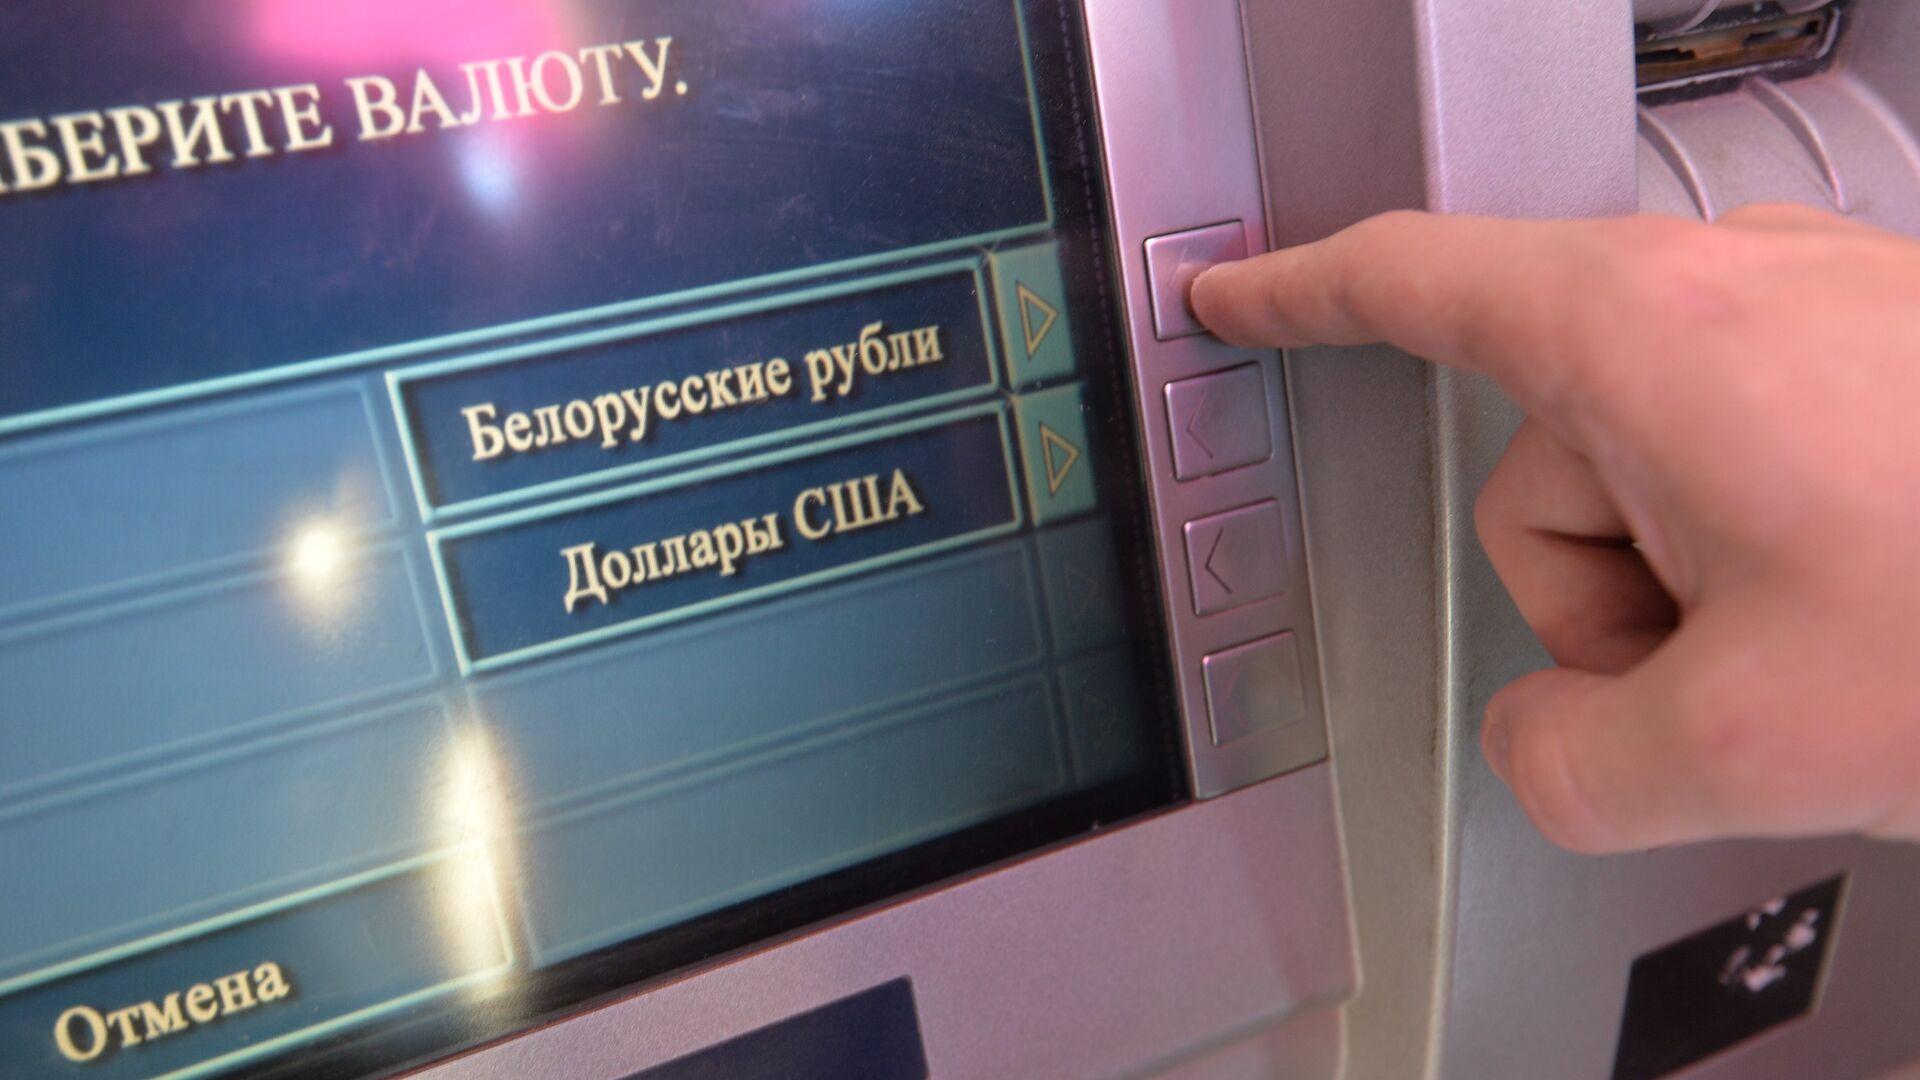 Снятие наличных денег в банкомате - Sputnik Беларусь, 1920, 23.09.2021